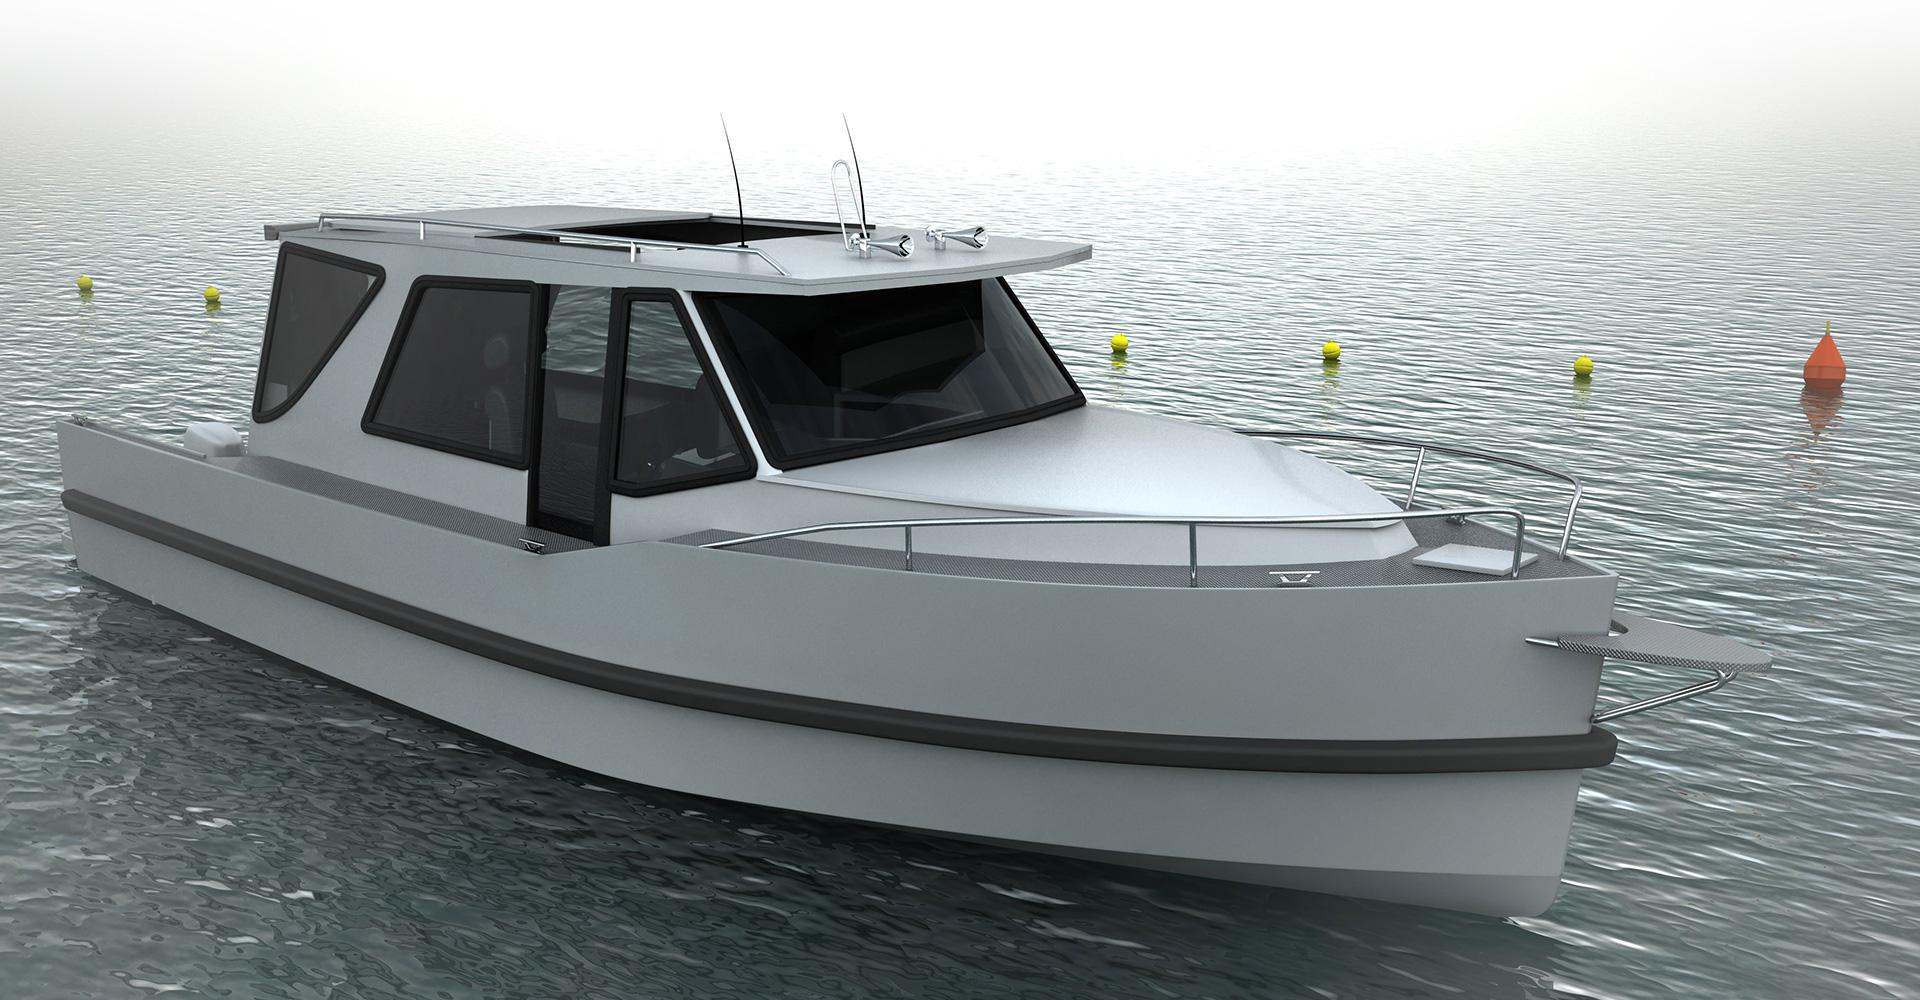 polypropylen-boat